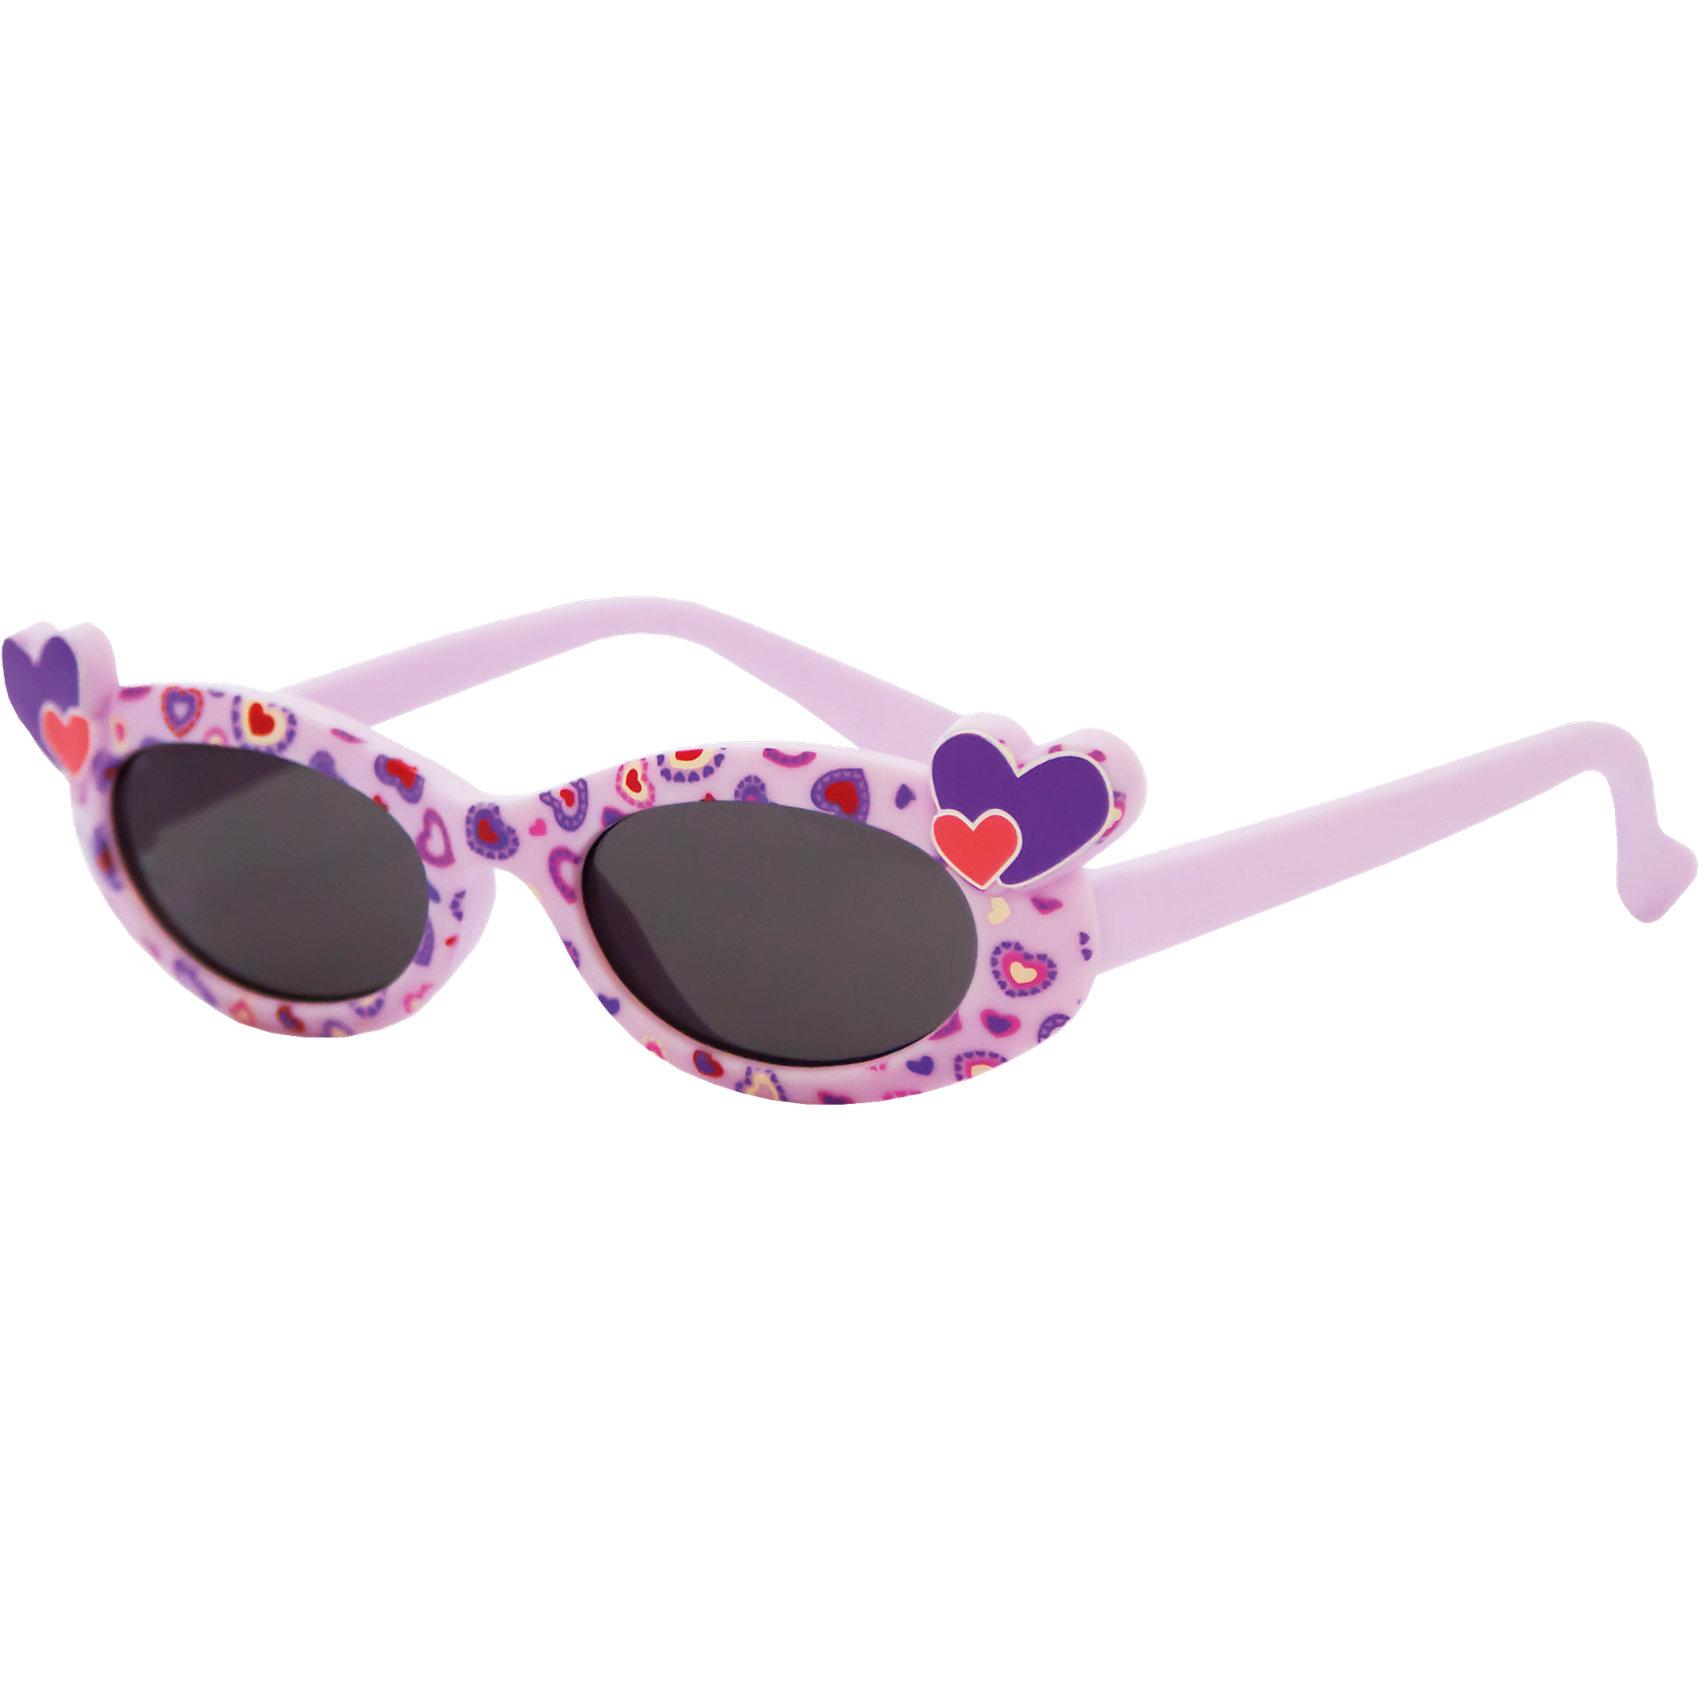 Росмэн Солнечные очки CARAMELLA аксессуар очки защитные truper t 10813